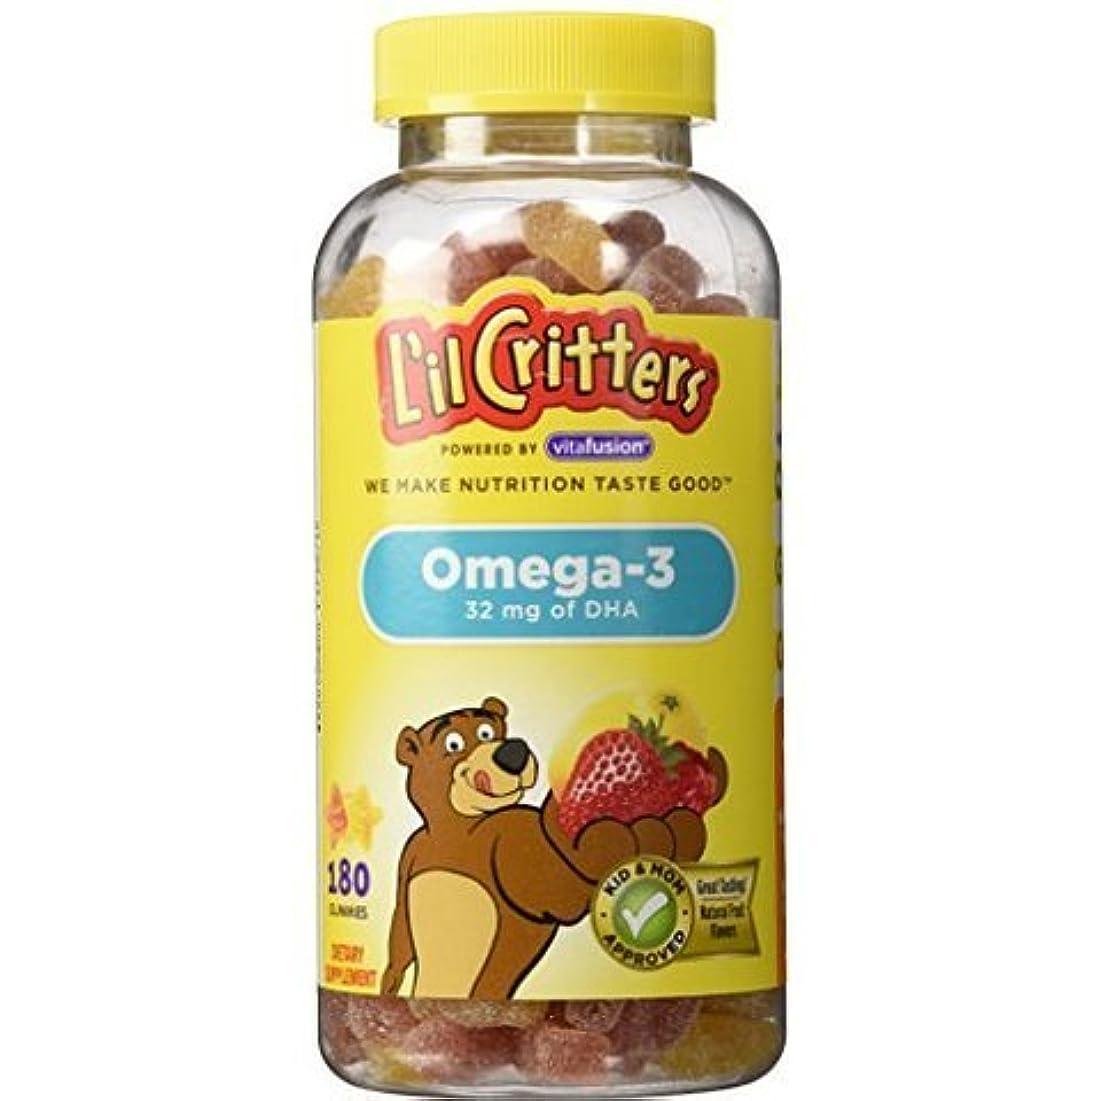 ボール見かけ上一貫性のないL'il Critters クルクリターズ 子供用ビタミングミ オメガ3 DHA 180粒 [並行輸入品]